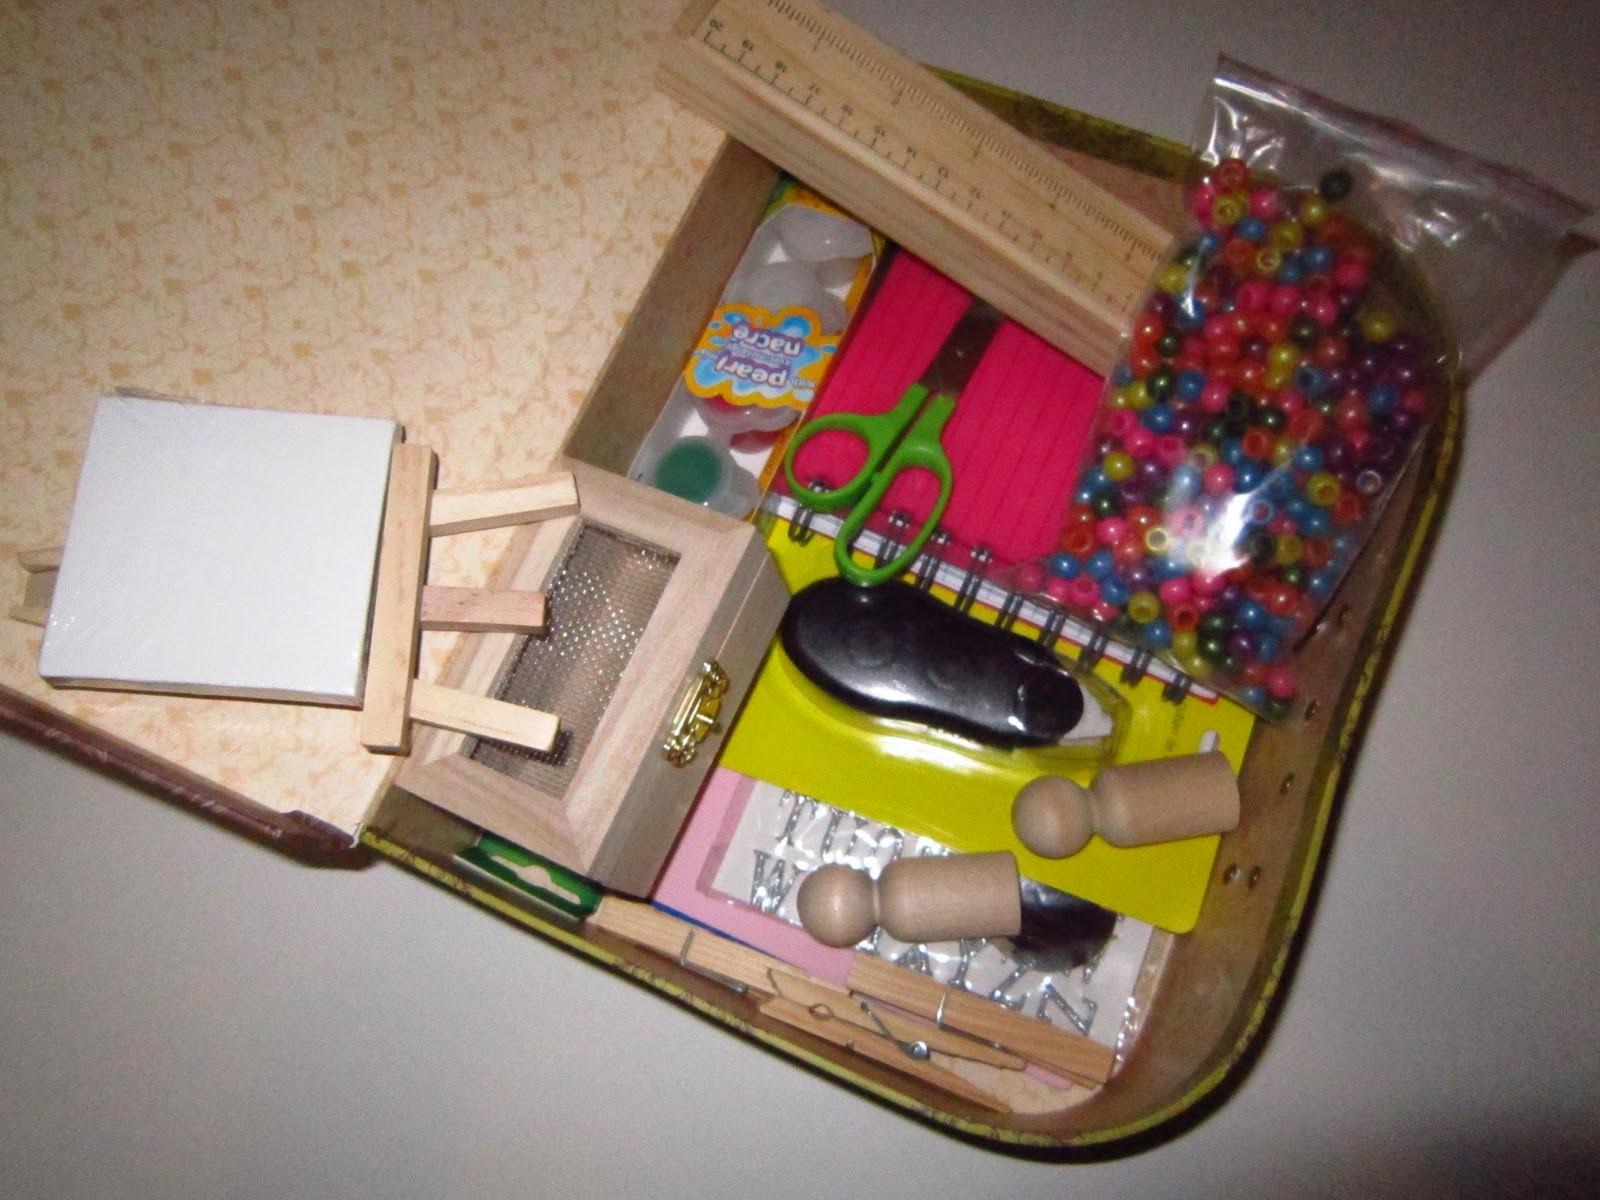 Tutorials Crafts Projects Kids Children Handmade Craft Kit